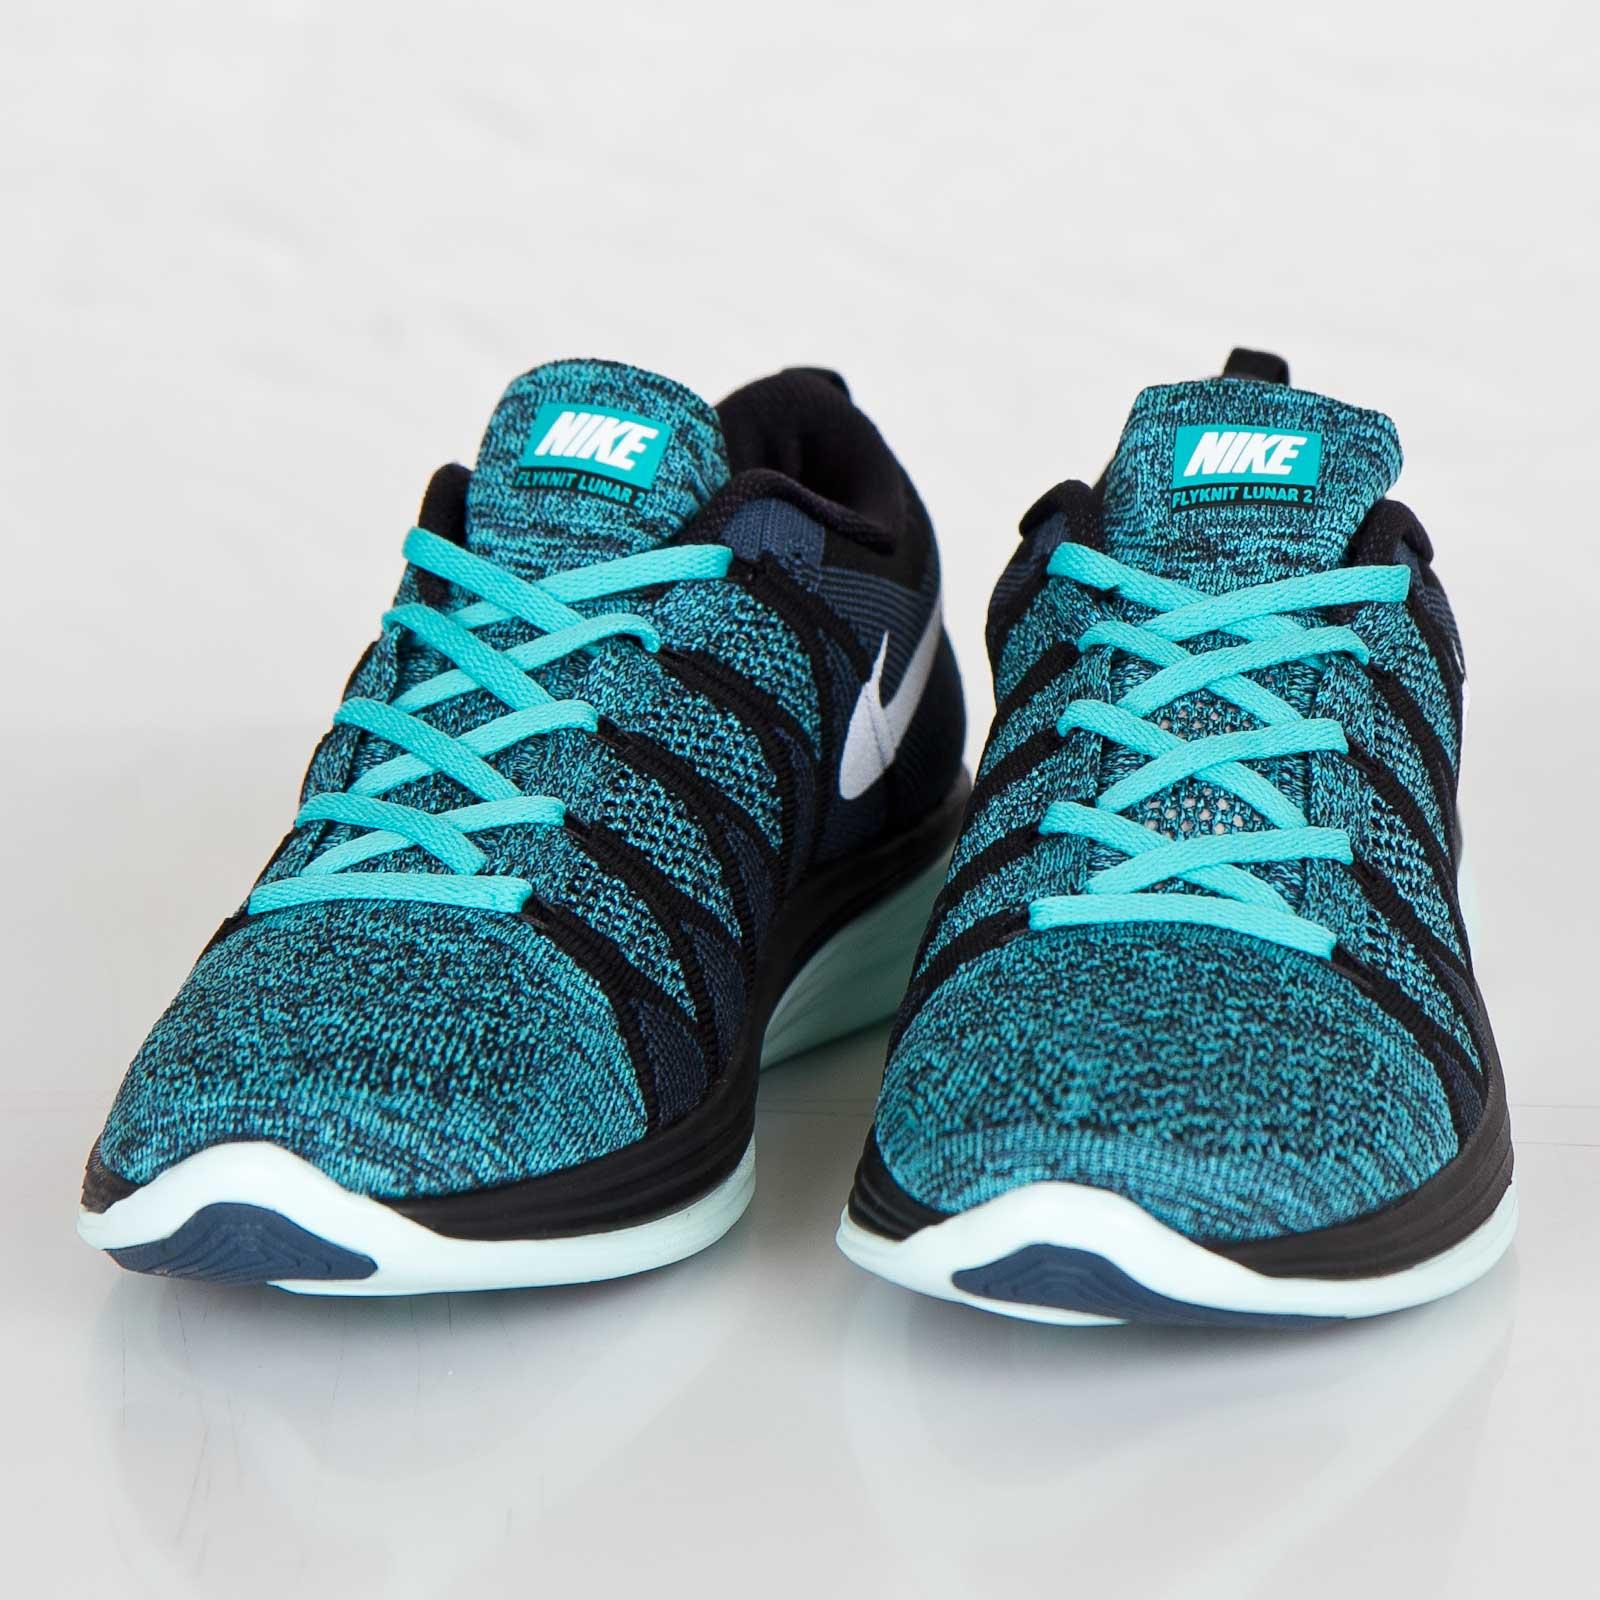 purchase cheap a4187 99ce9 Nike Flyknit Lunar 2 - 620465-004 - Sneakersnstuff   sneakers   streetwear  online since 1999